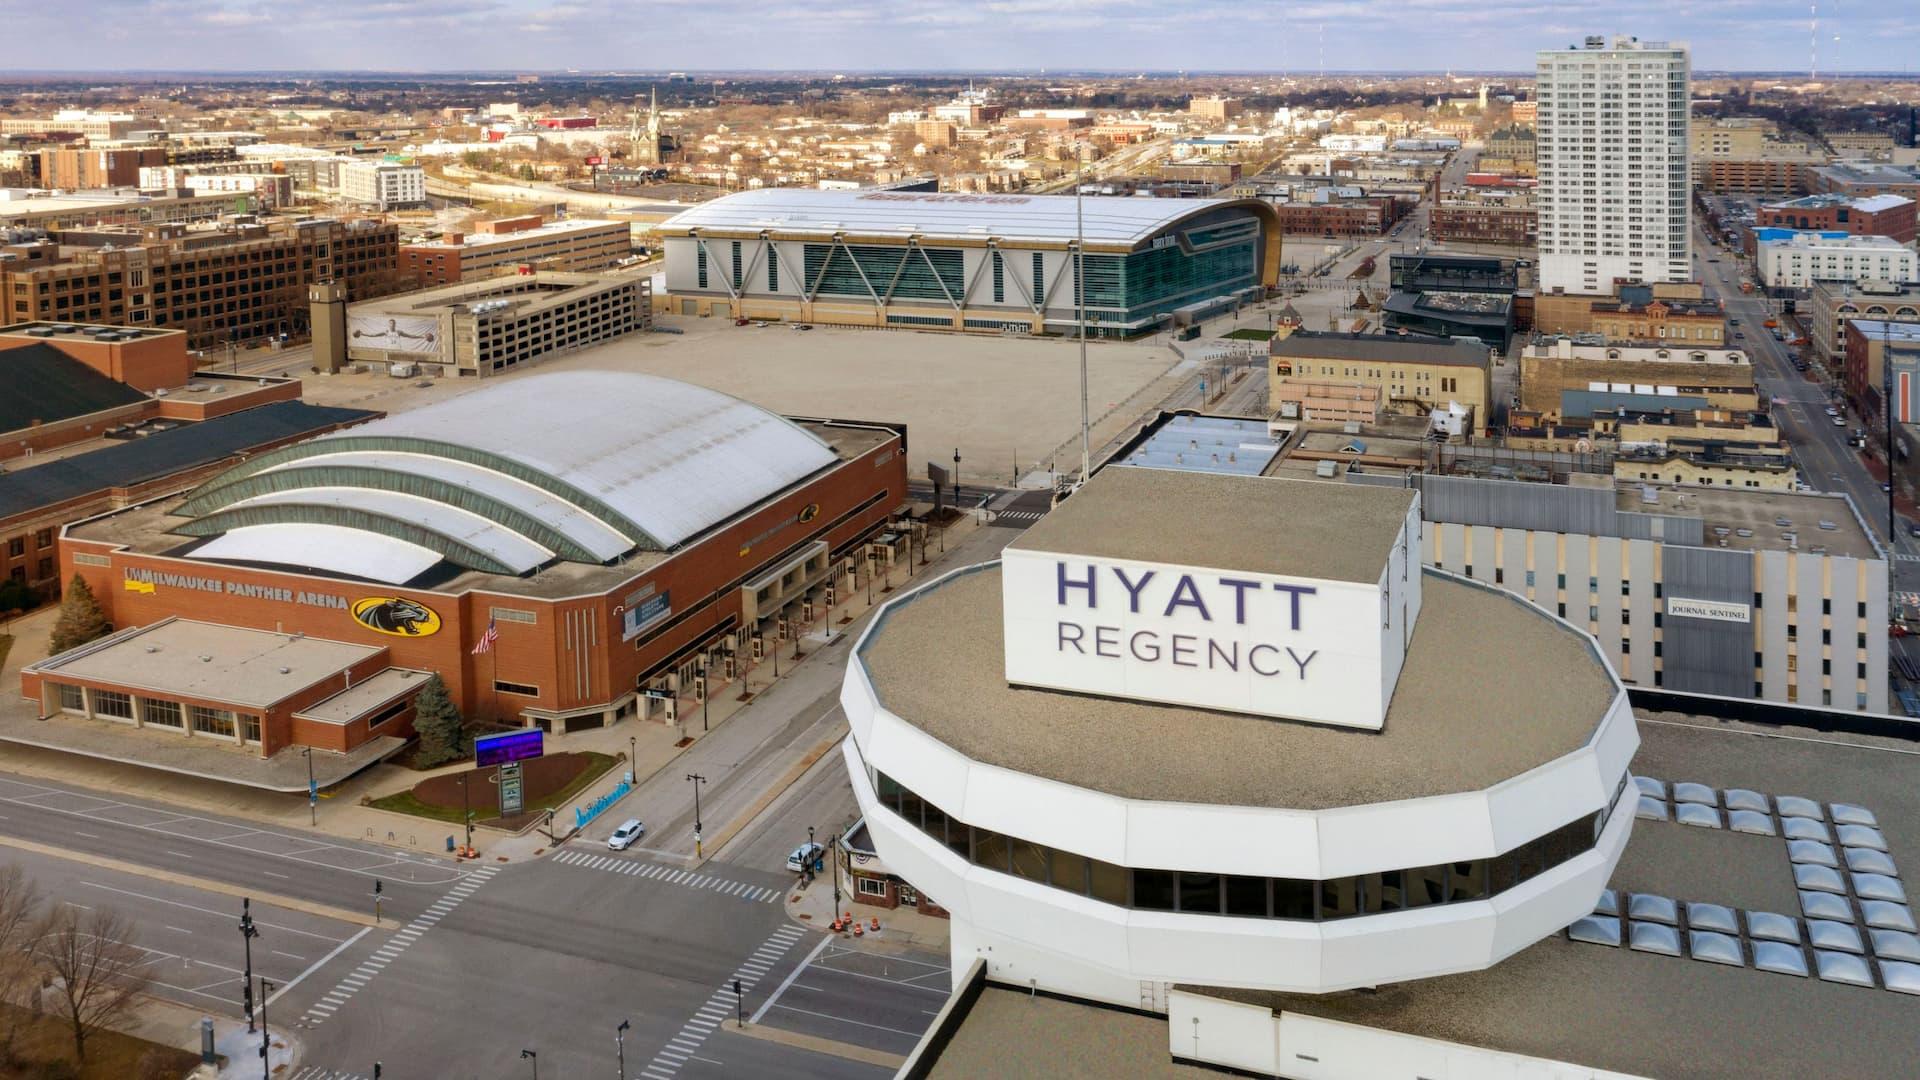 Aerial view of Hyatt Regency Milwaukee